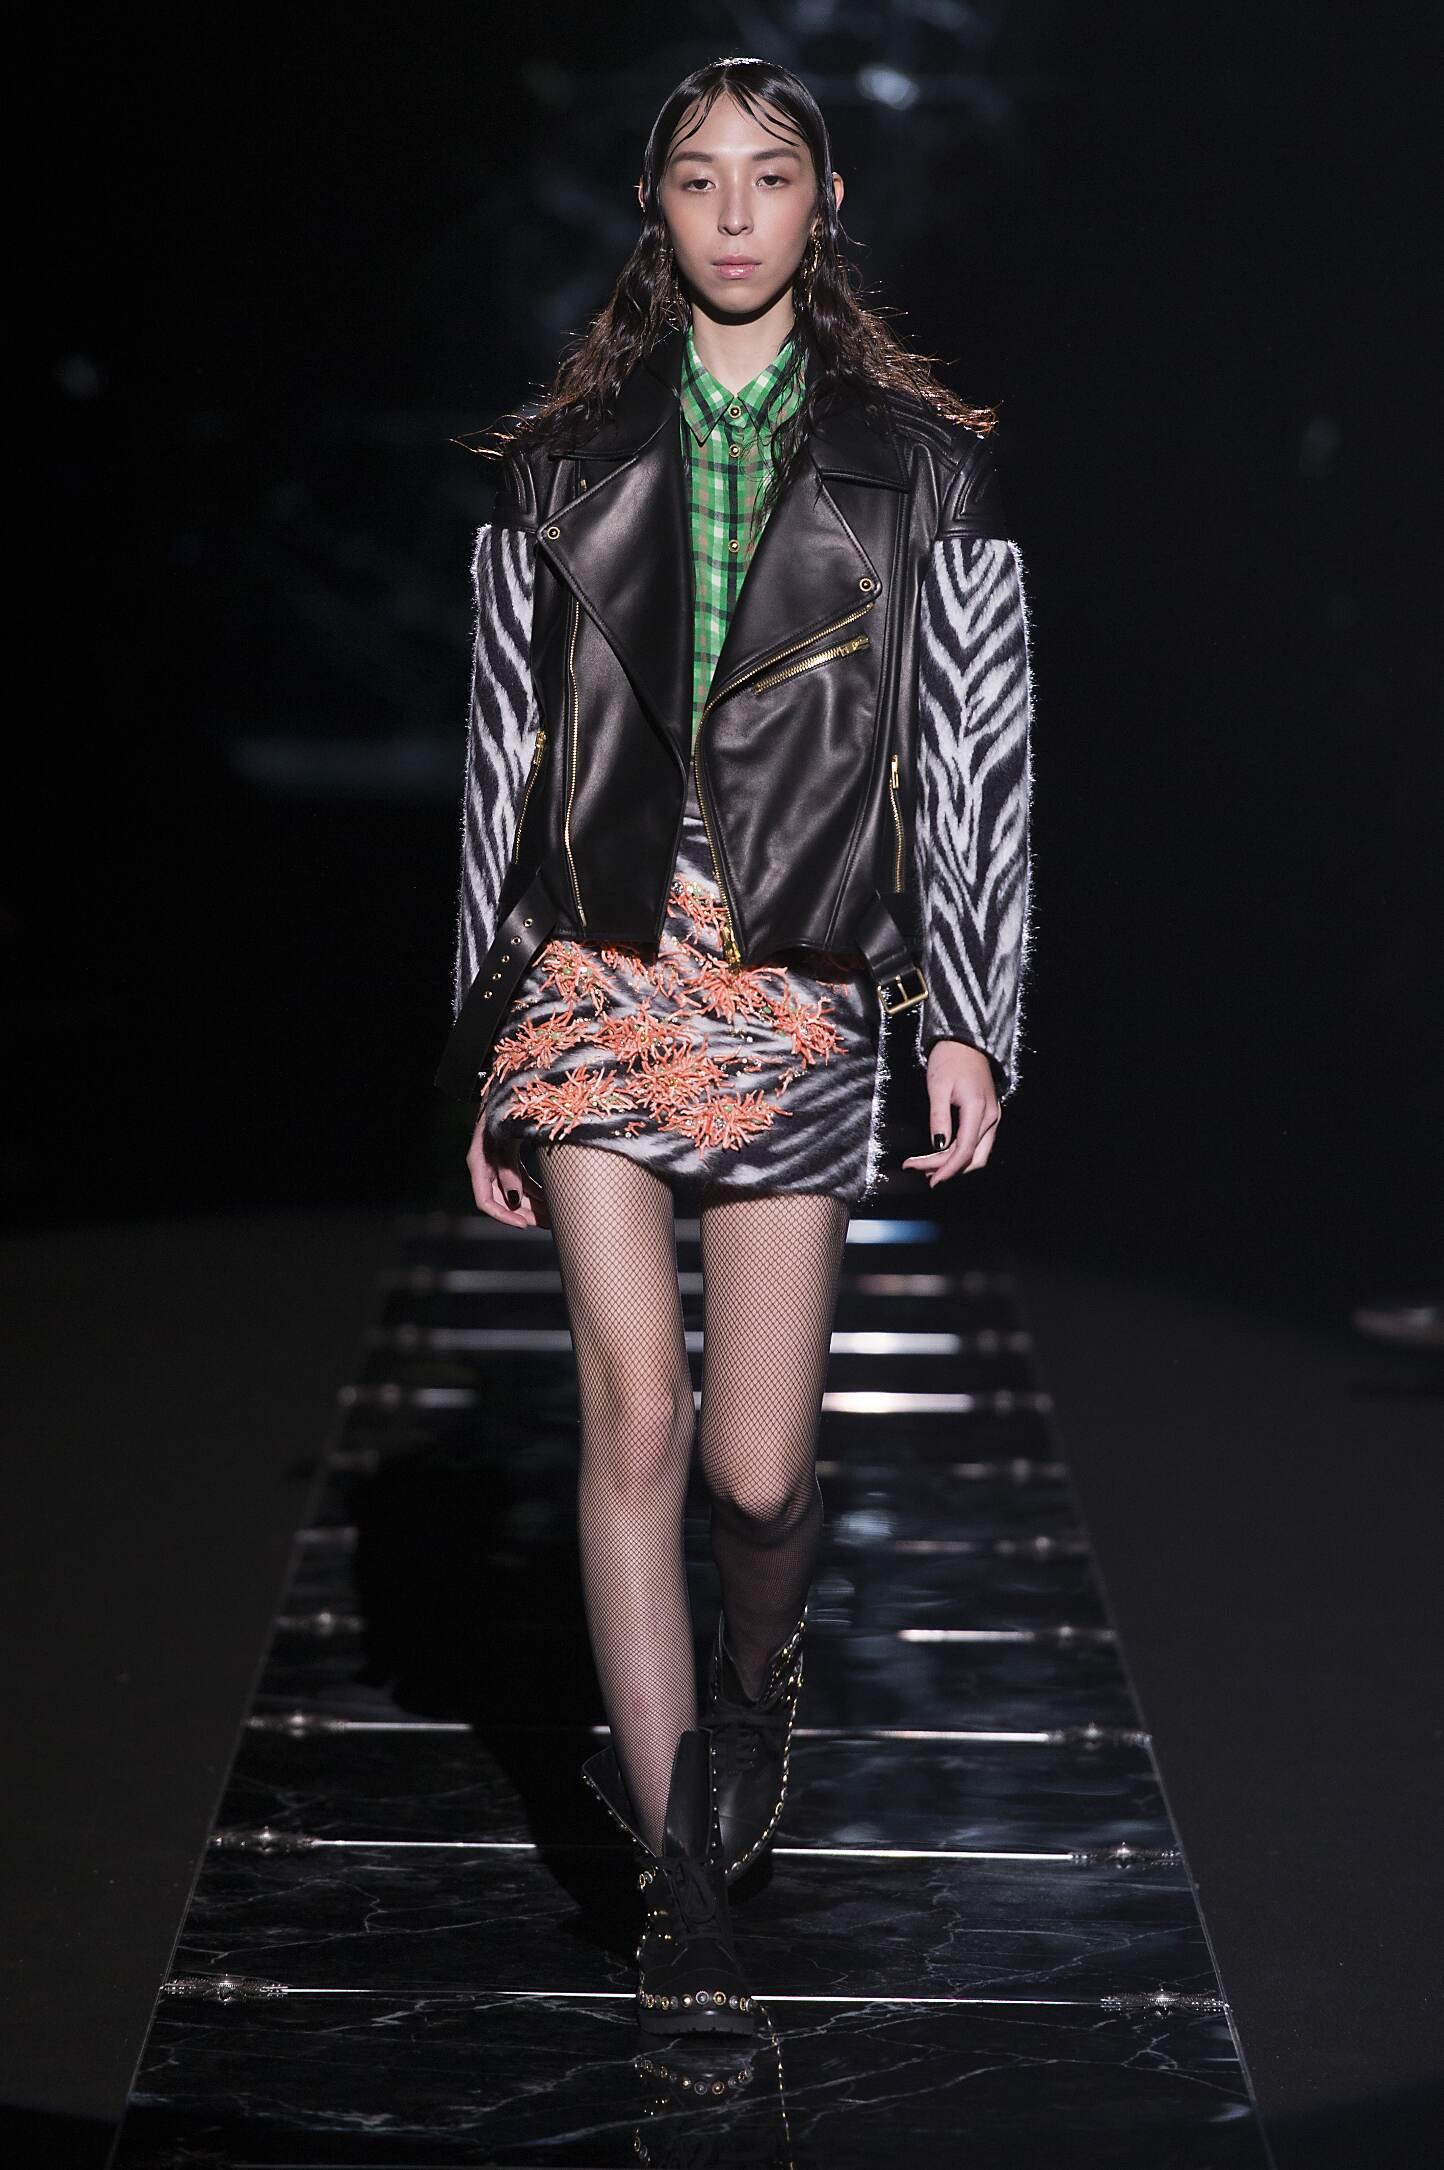 Fall Winter 2015 16 Fashion Collection Fausto Puglisi